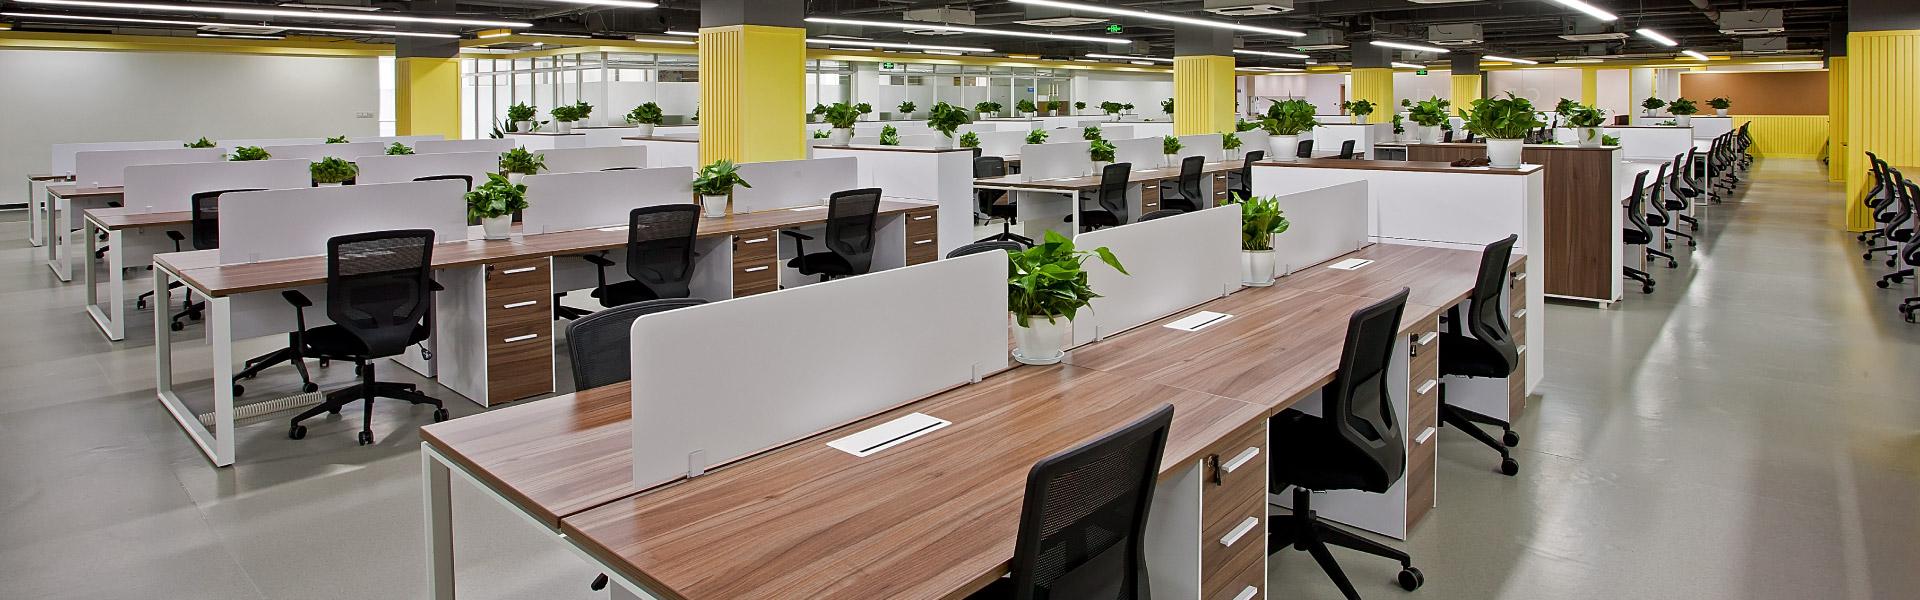 吉利高效的职员空间 圣奥办公家具设计